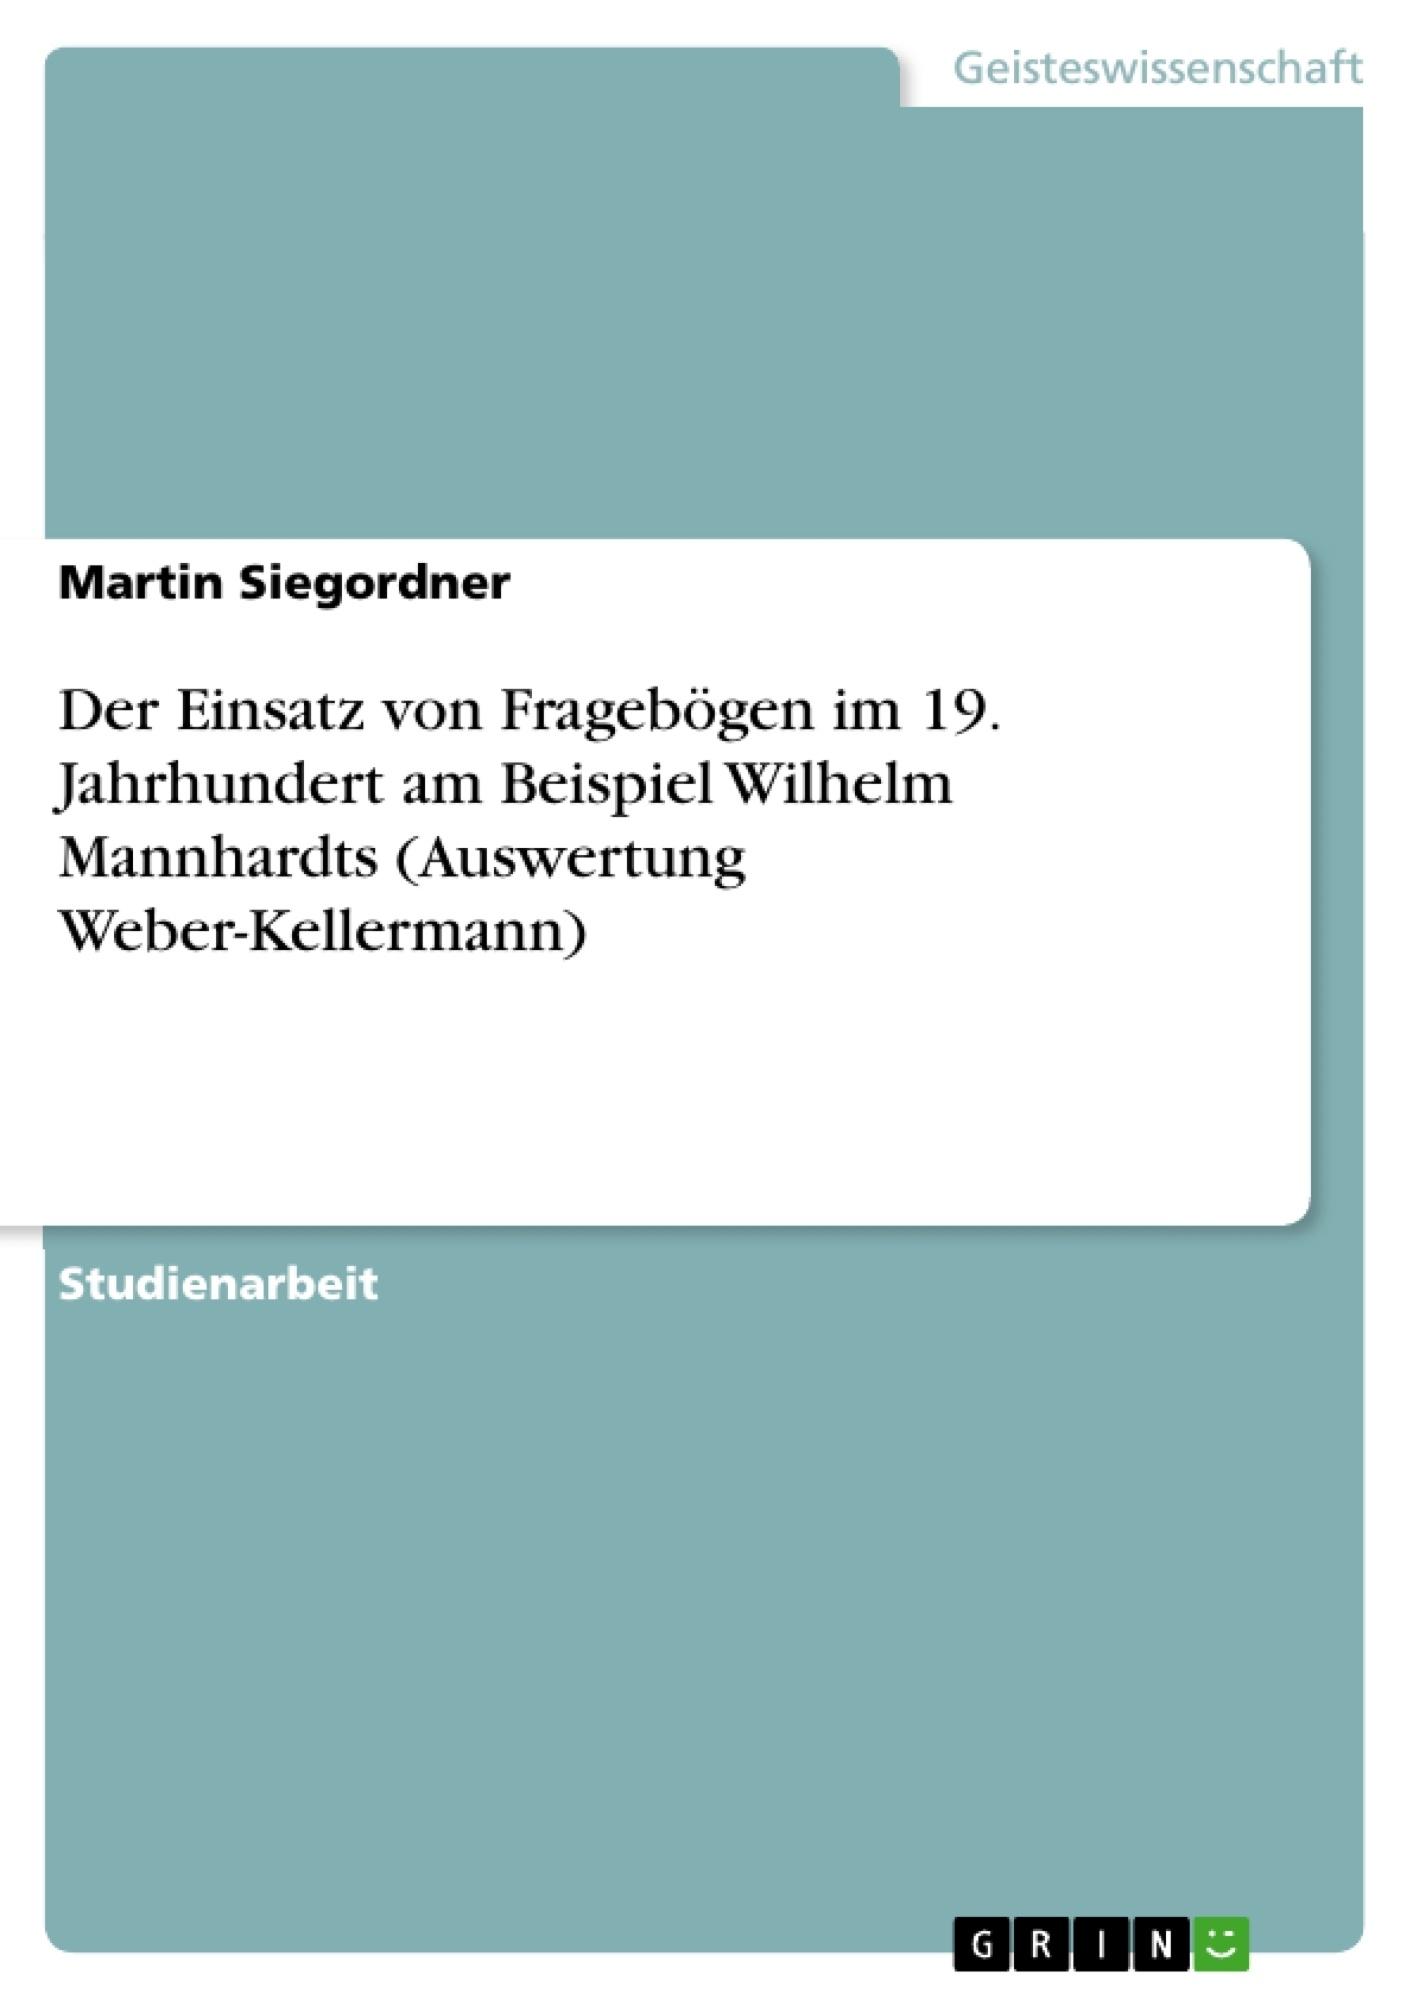 Titel: Der Einsatz von Fragebögen im 19. Jahrhundert am Beispiel Wilhelm Mannhardts (Auswertung Weber-Kellermann)